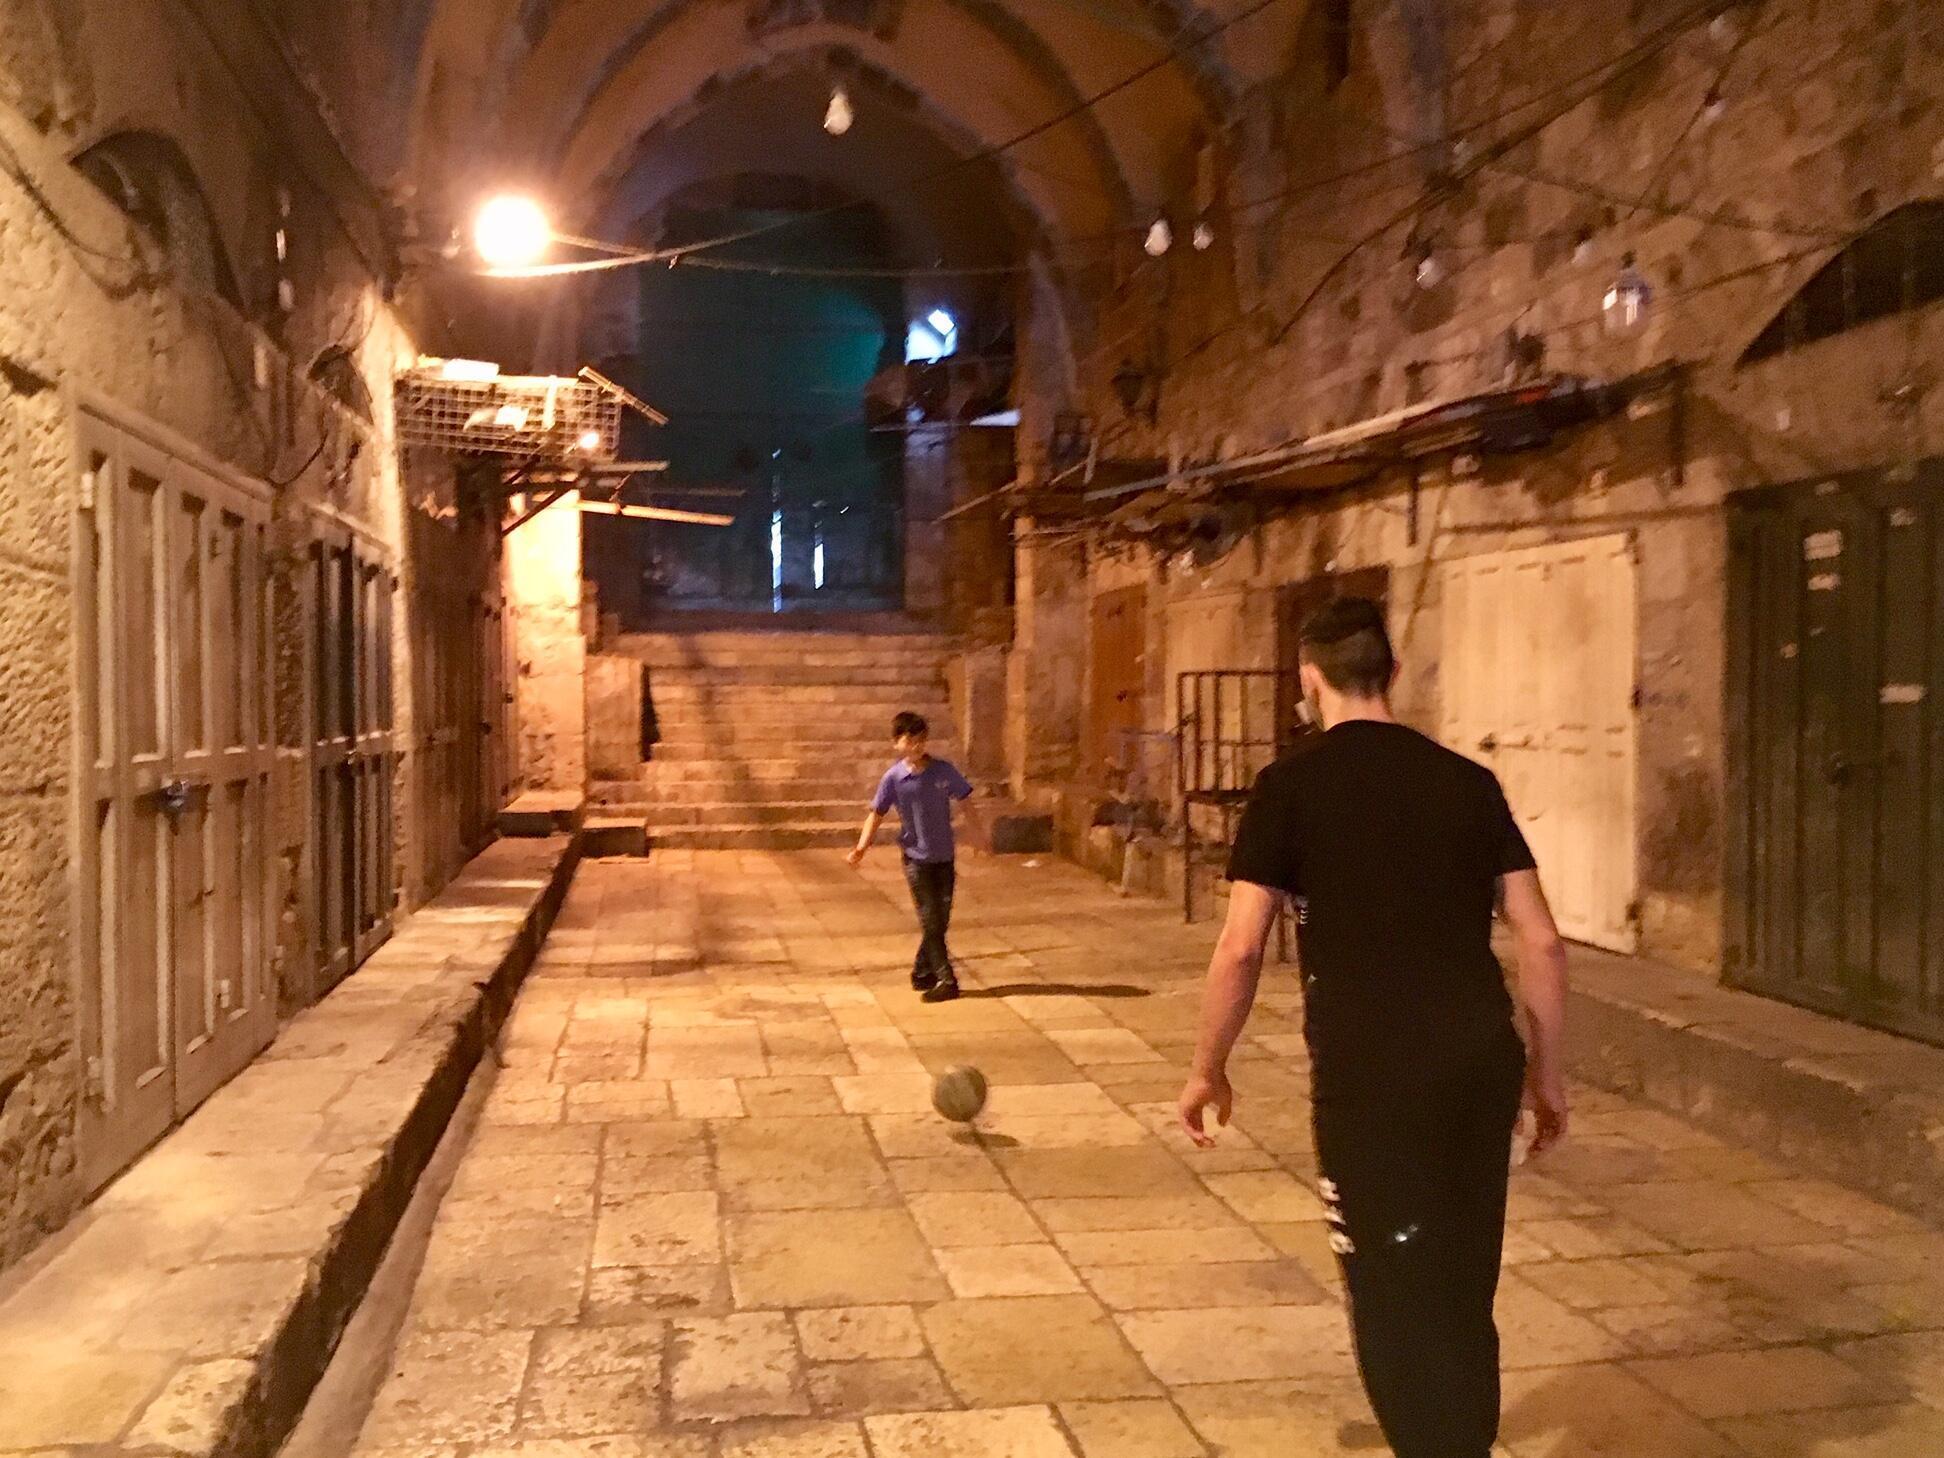 兩名年輕人在耶路撒冷老城的一條空無一人的小巷裡踢足球,齋月即將開始時,所有商店都關門了。